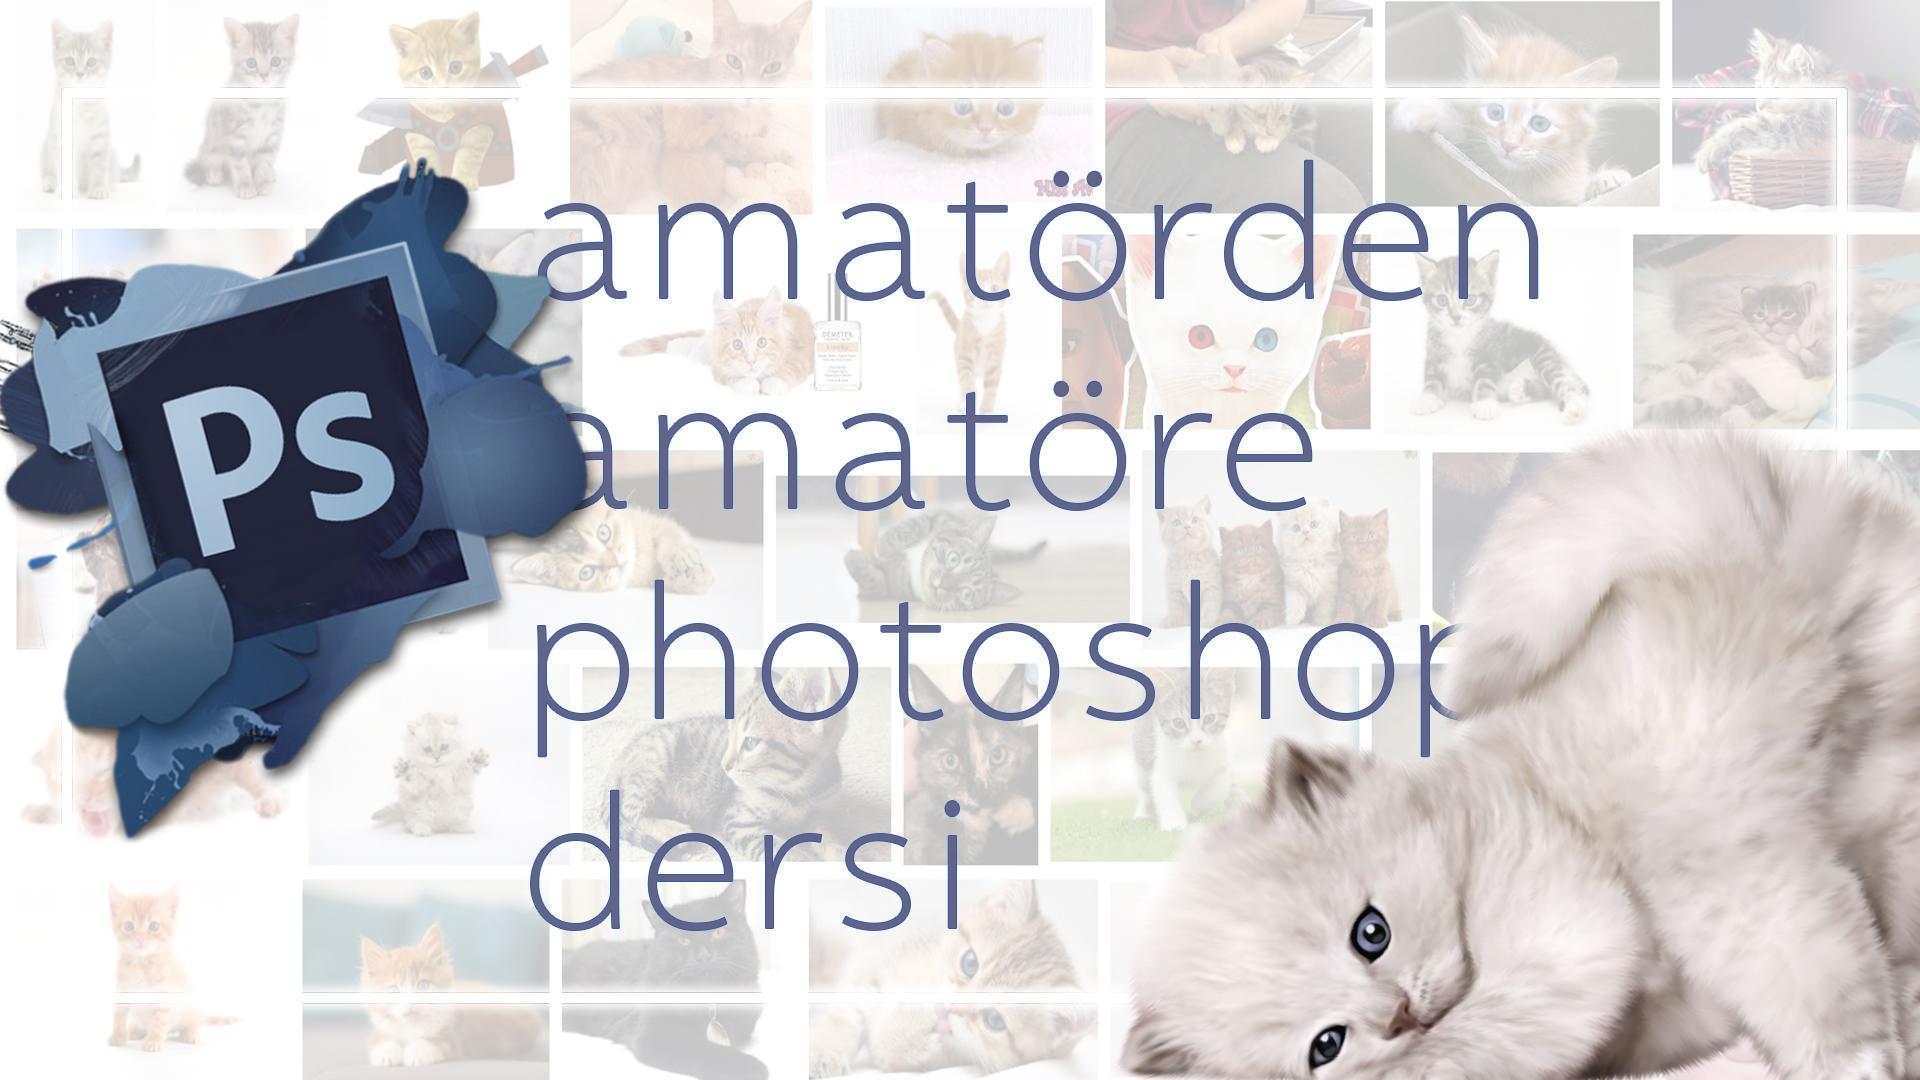 Birlikte PhotoShop Öğrenelim